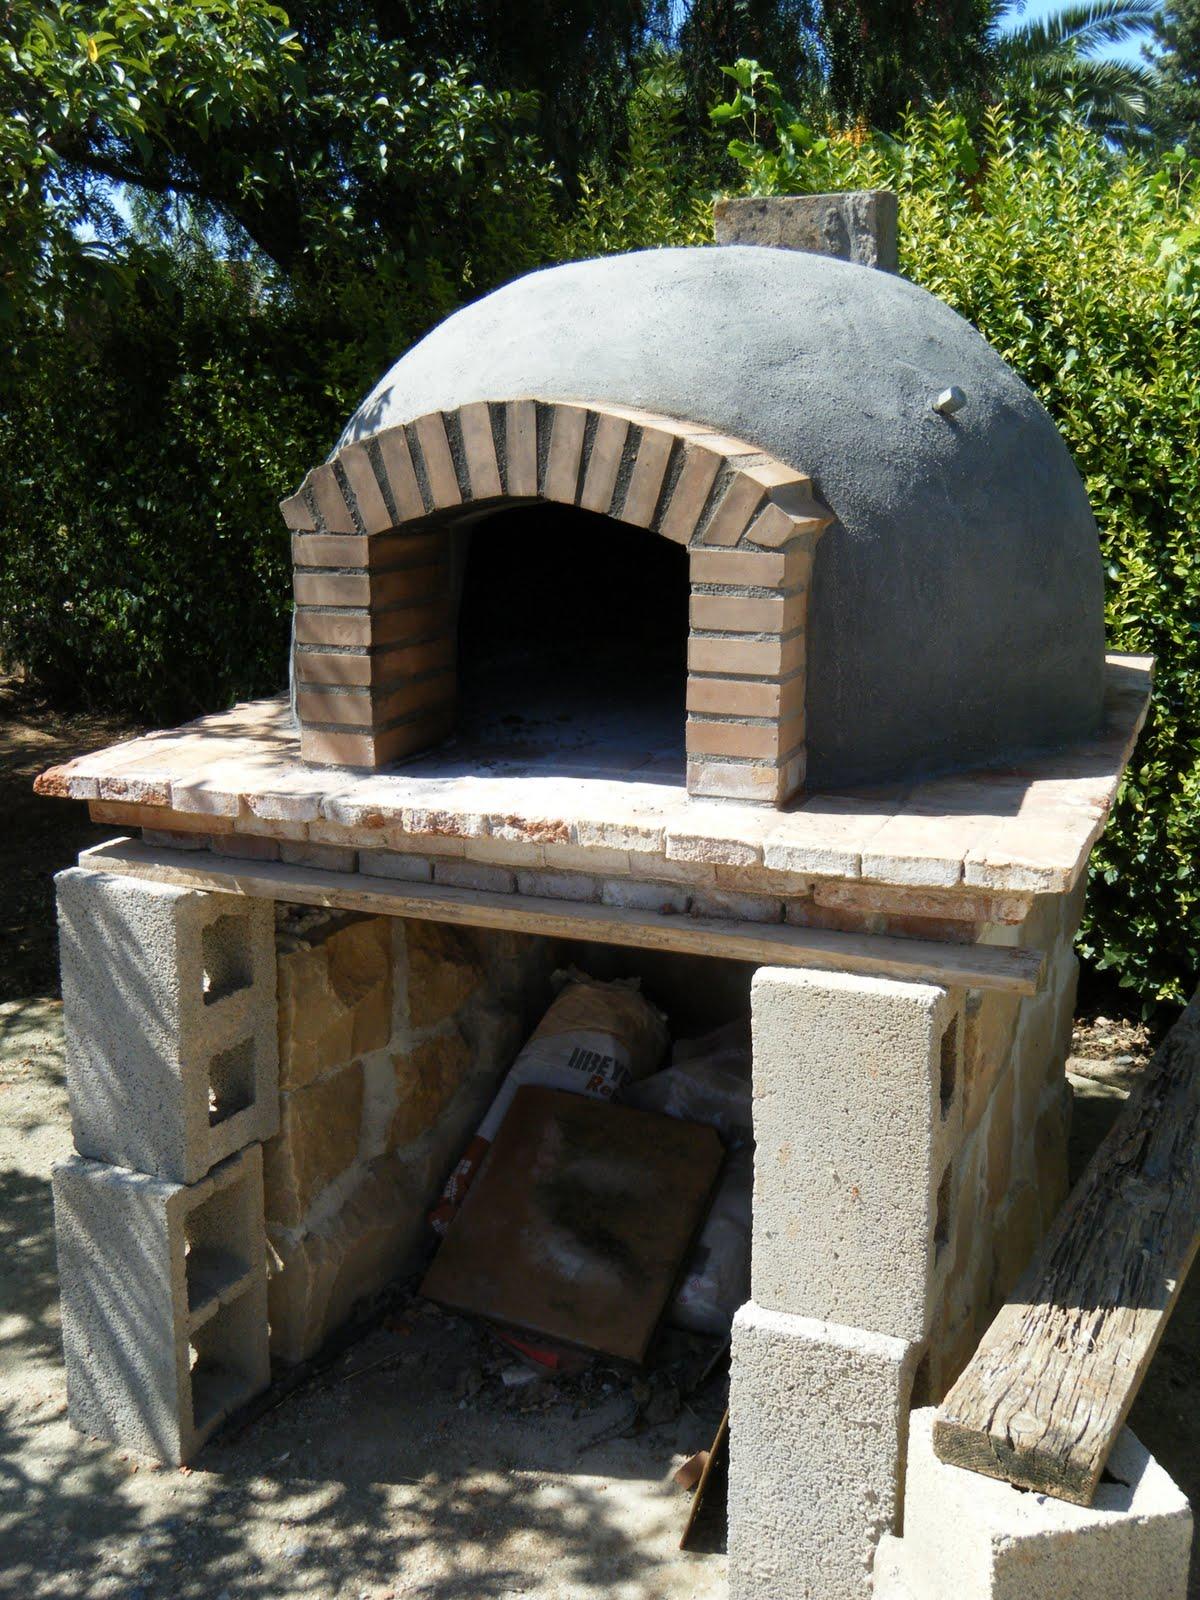 Mundocharly construccion de un horno de le a capitulo - Hornos a lena construccion ...